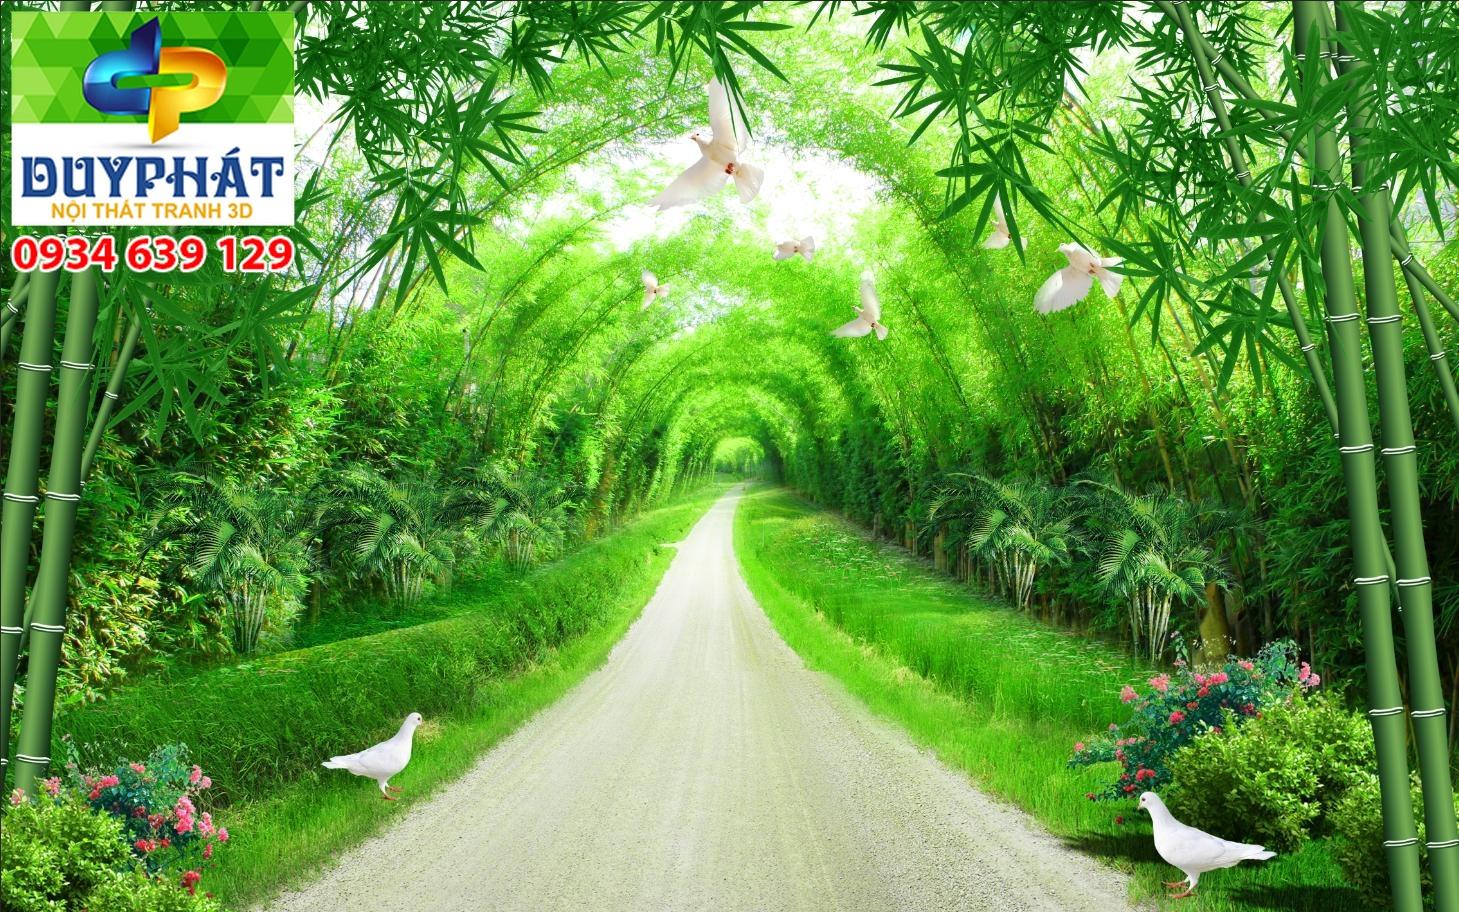 Tranh con đường TCĐ039 của tranh 3D Duy Phát